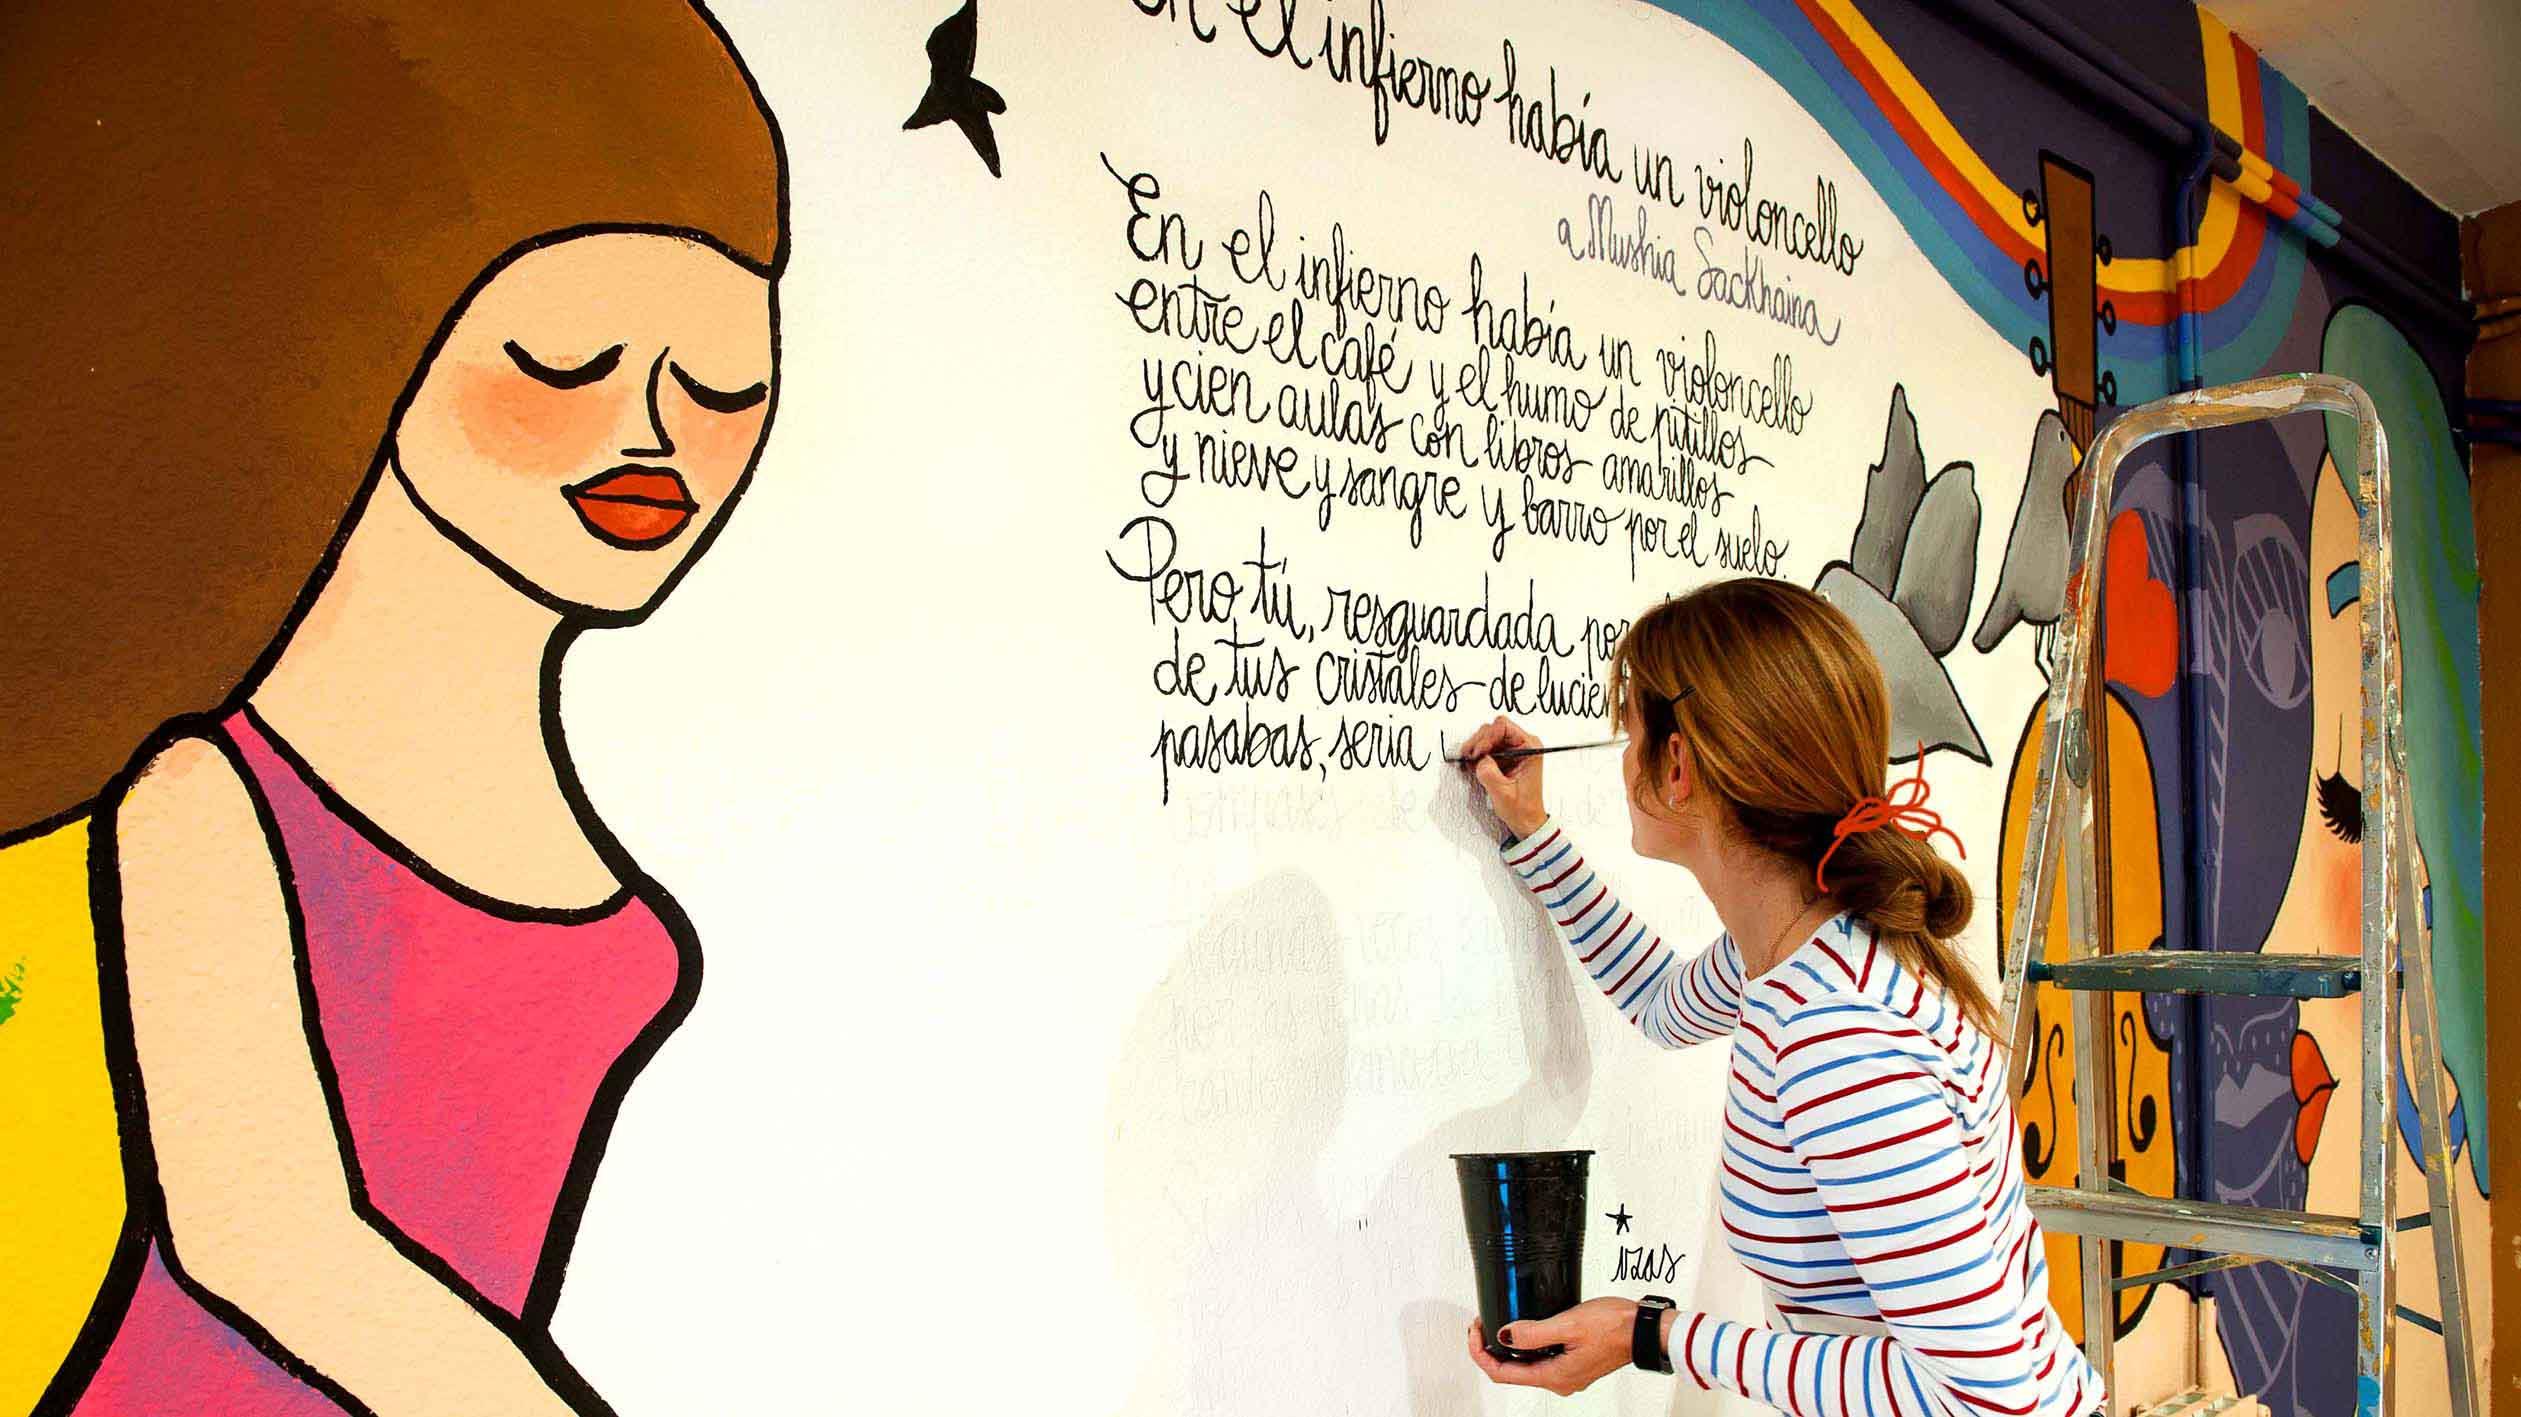 mural izas dibujando la palabra valladolid 3